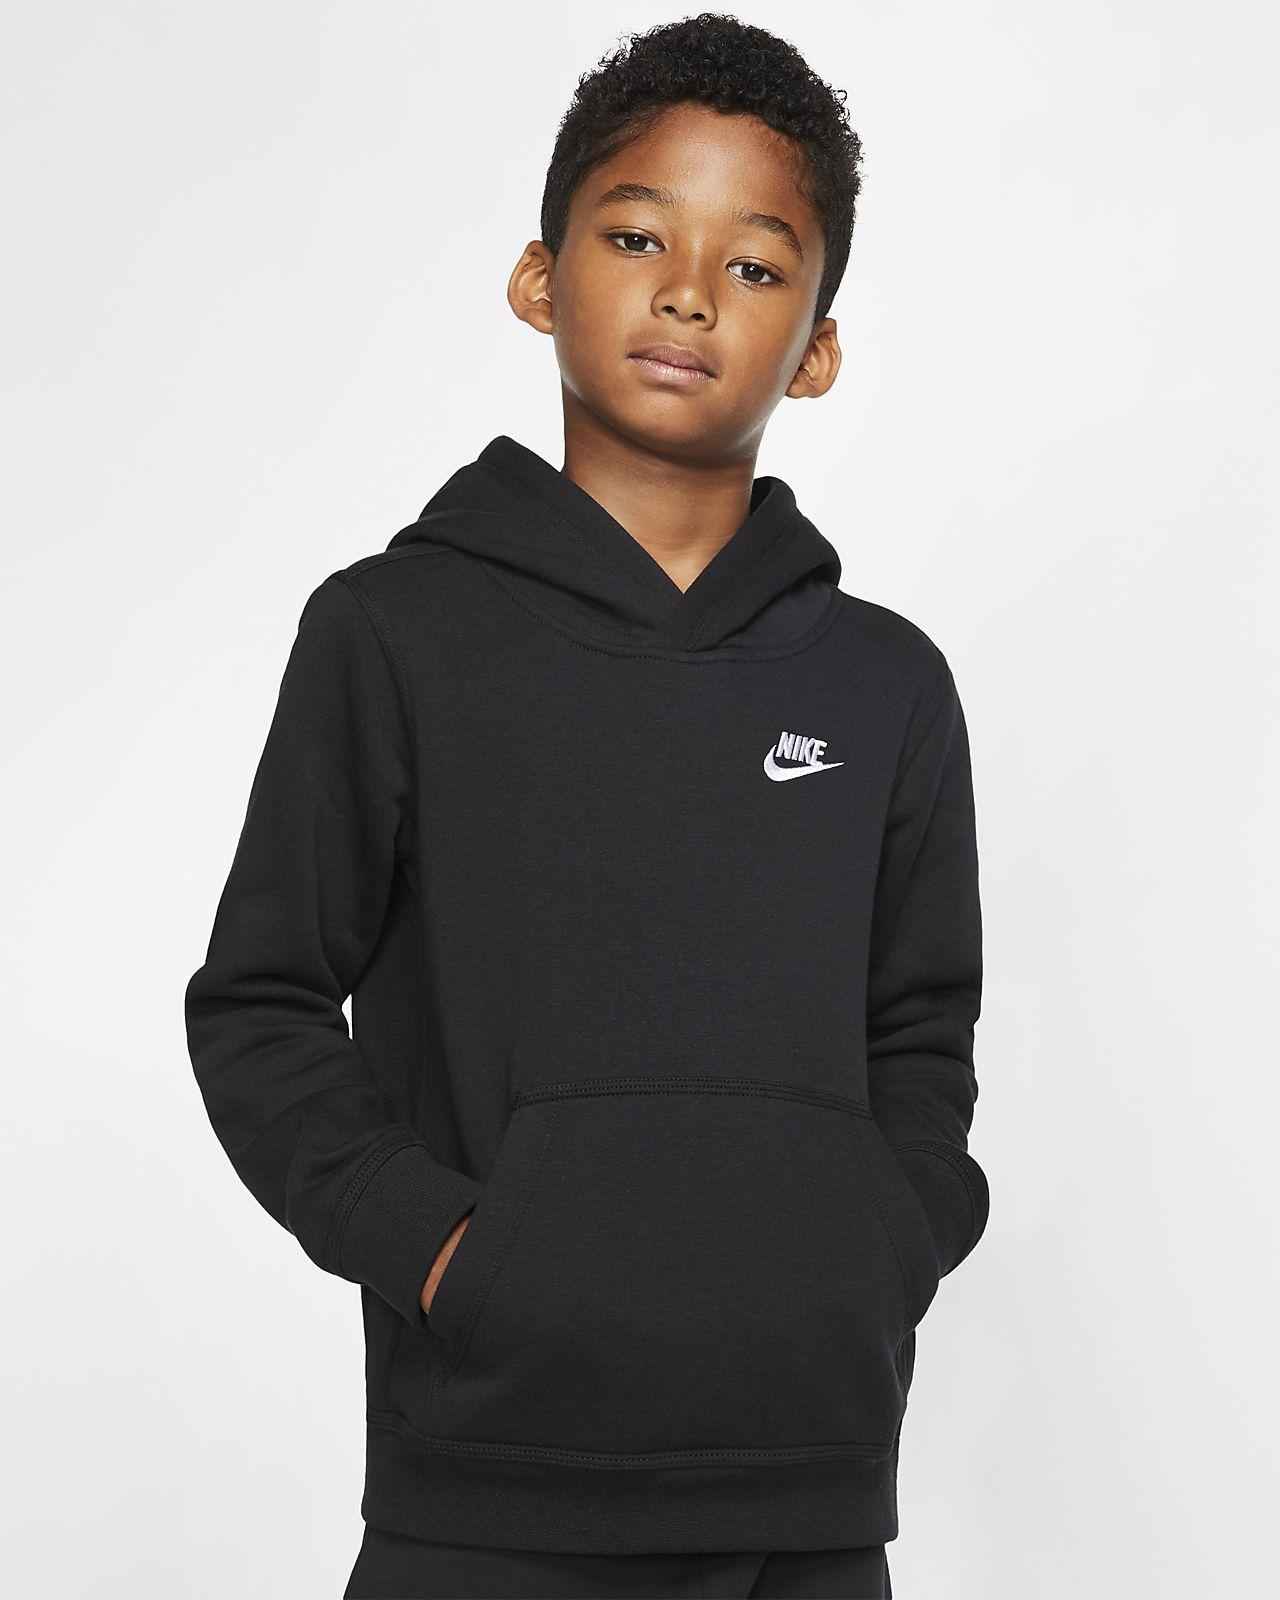 cute girl nike hoodies